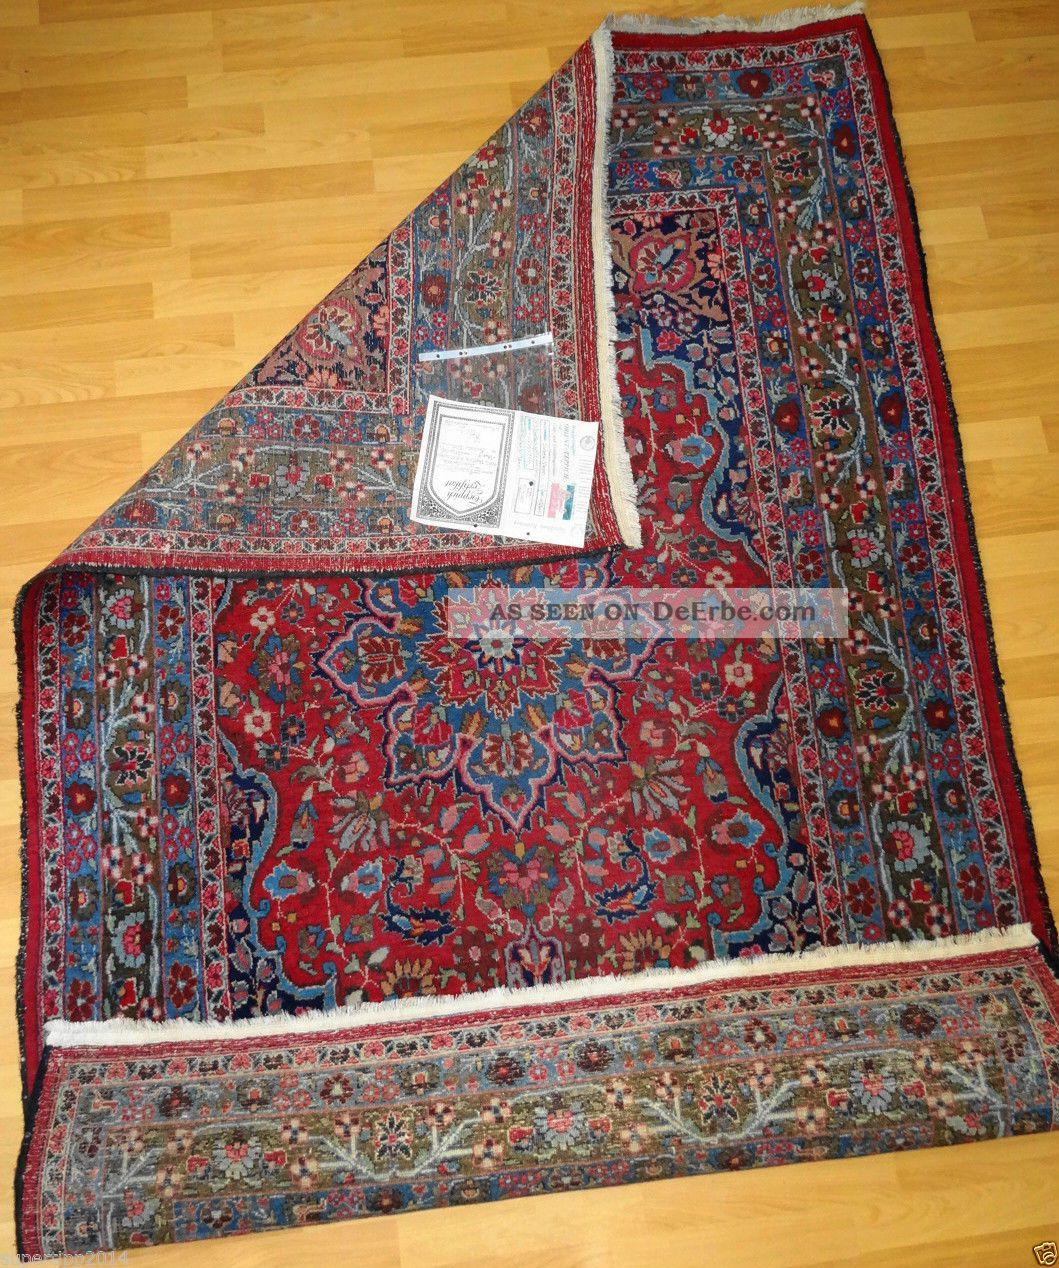 Echte Handgeknüpfte - Perser - Teppichtop/ware - Rug - Tappeto - Tapis - Rug,  Antik/ Antico Teppiche & Flachgewebe Bild